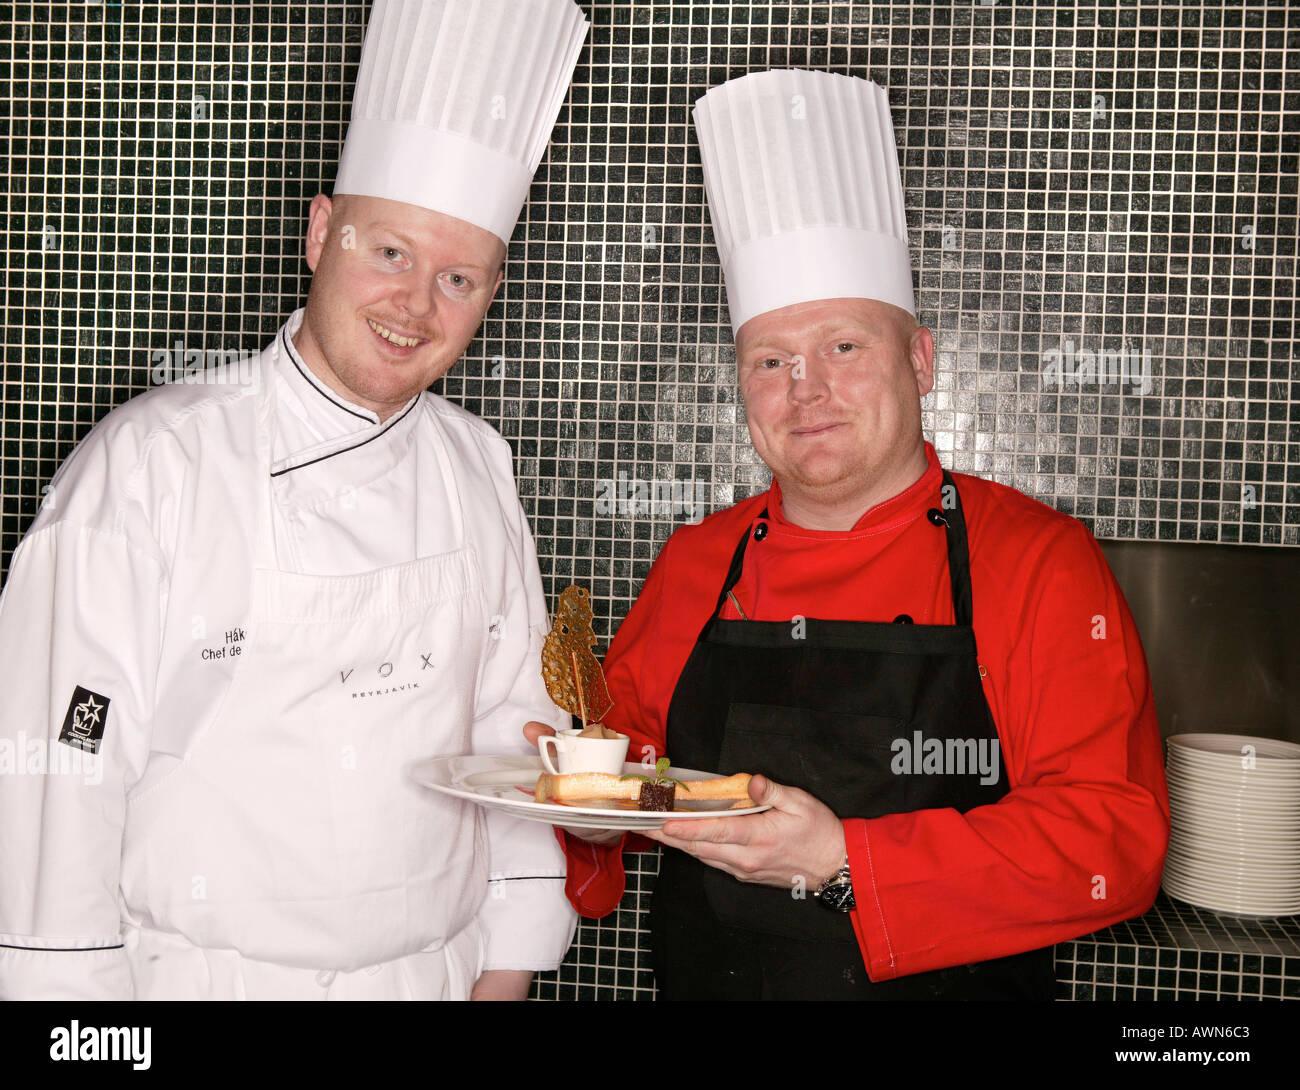 Chefs Reykjavik Islande Photo Stock